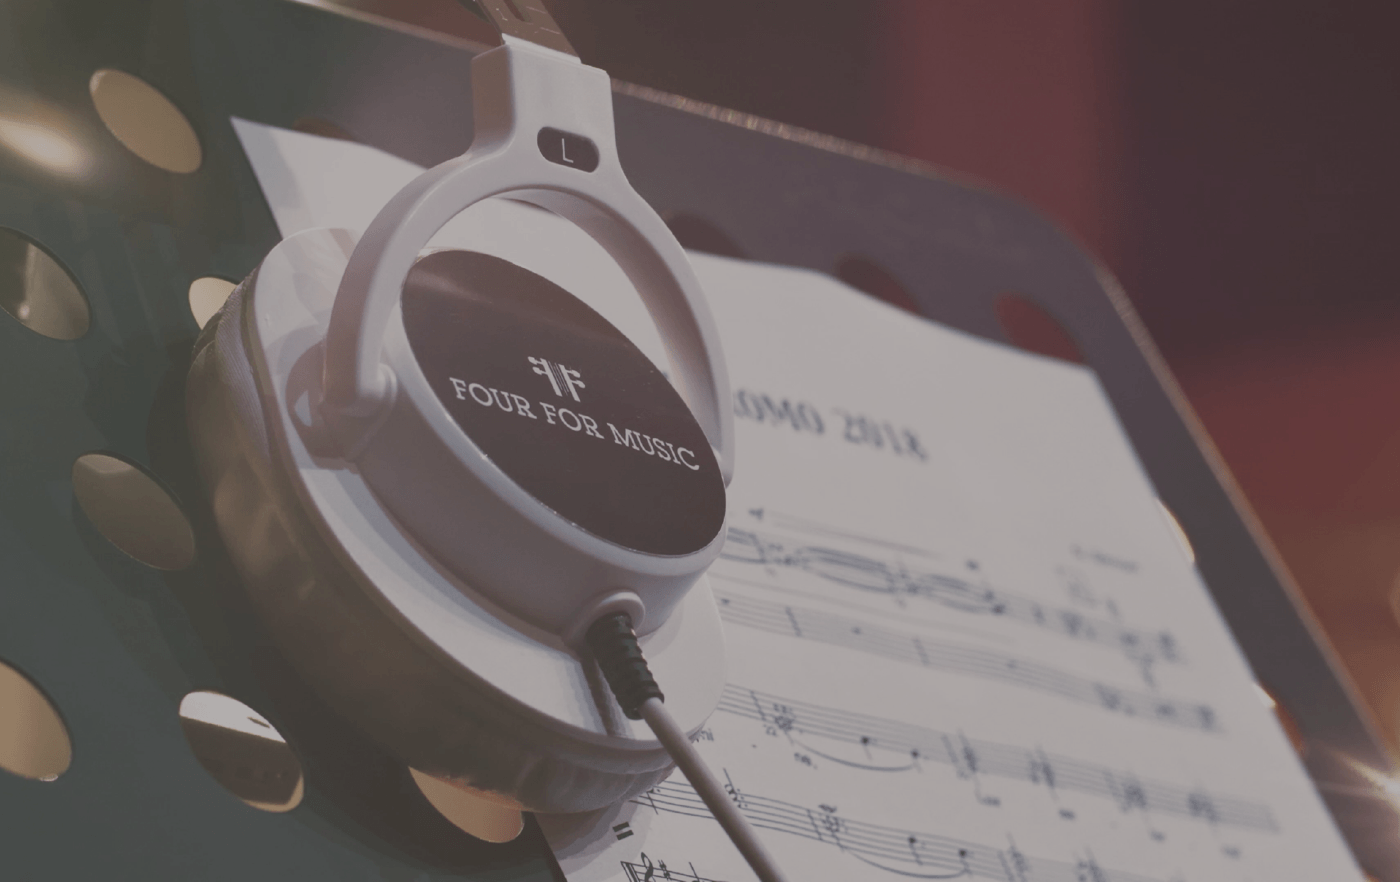 PREMIUM MUSIC SERVICES